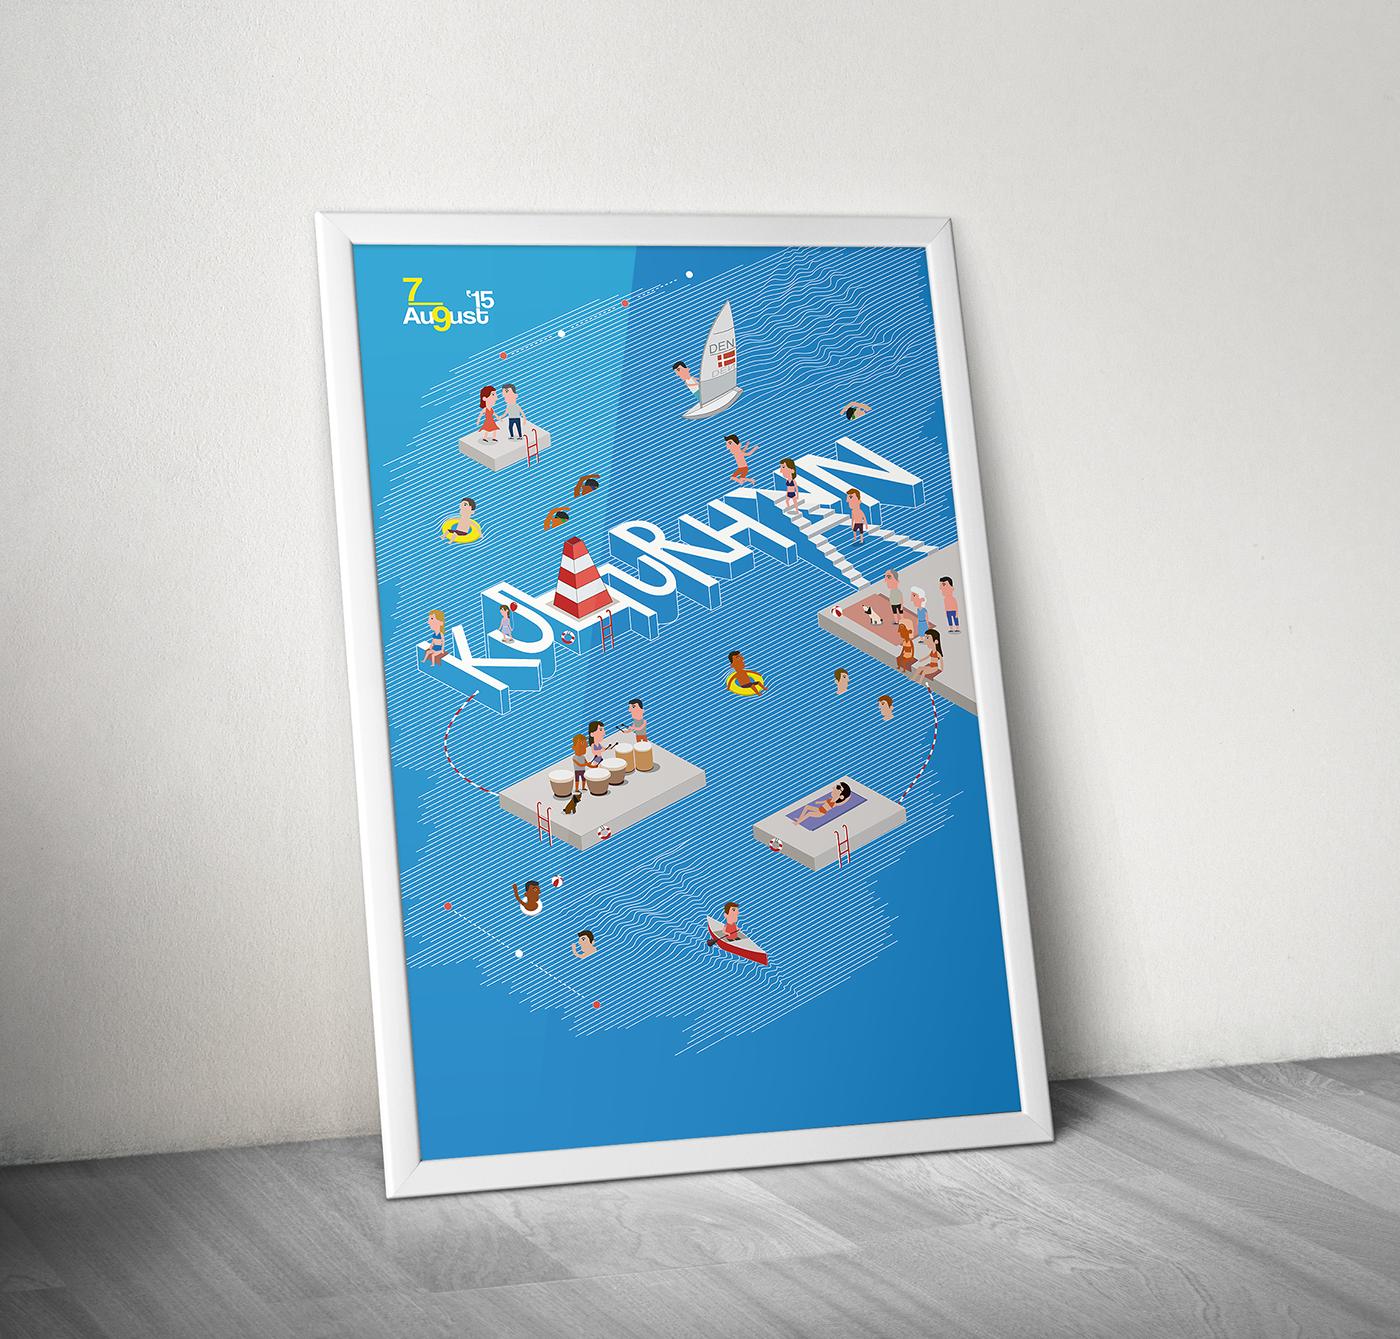 poster Kulturhavn Competition copenhagen harbour sea festival august 2015 denmark